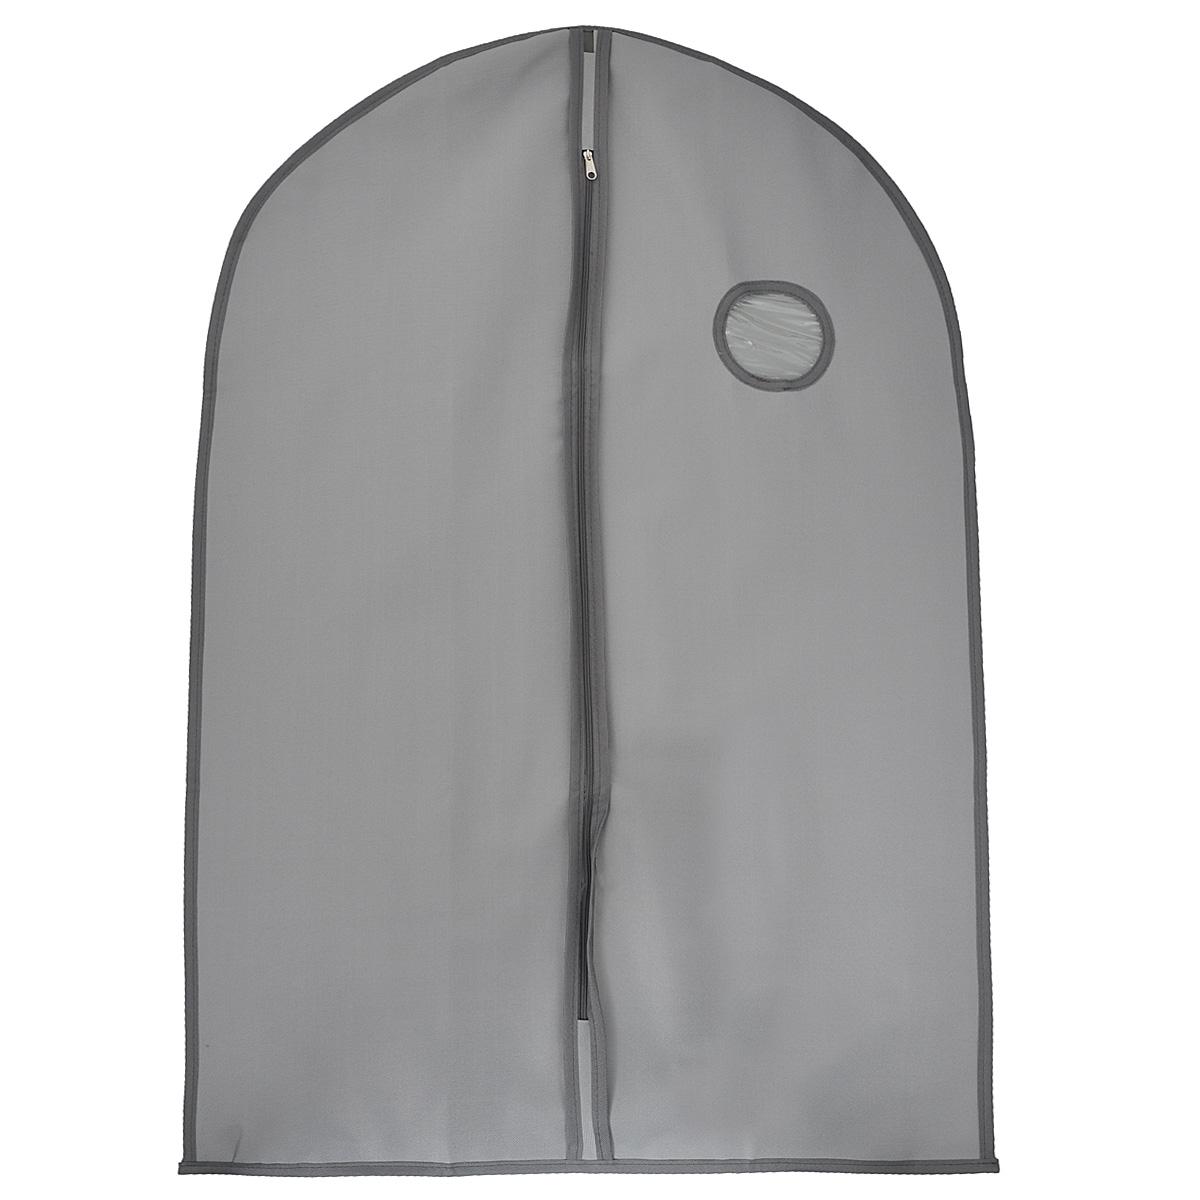 Чехол для одежды FS-6502M-P, цвет: темно-серый, 60 х 120 смFS-6502M-PЧехол для одежды FS-6502M-P изготовлен из высококачественного нетканого материала. Особое строение полотна создает естественную вентиляцию: материал дышит и позволяет воздуху свободно проникать внутрь чехла, не пропуская пыль. Благодаря форме чехла, одежда не мнется даже при длительном хранении. Застегивается на молнию. Окошко из пластика позволяет увидеть, какие вещи находятся внутри. Чехол для одежды будет очень полезен при транспортировке вещей на близкие и дальние расстояния, при длительном хранении сезонной одежды, а также при ежедневном хранении вещей из деликатных тканей. Чехол для одежды FS-6502M-P не только защитит ваши вещи от пыли и влаги, но и поможет доставить одежду на любое мероприятие в идеальном состоянии. Характеристики:Материал: 10С ПВХ, пластик. Размер чехла: 60 см х 120 см. Цвет: темно-серый.